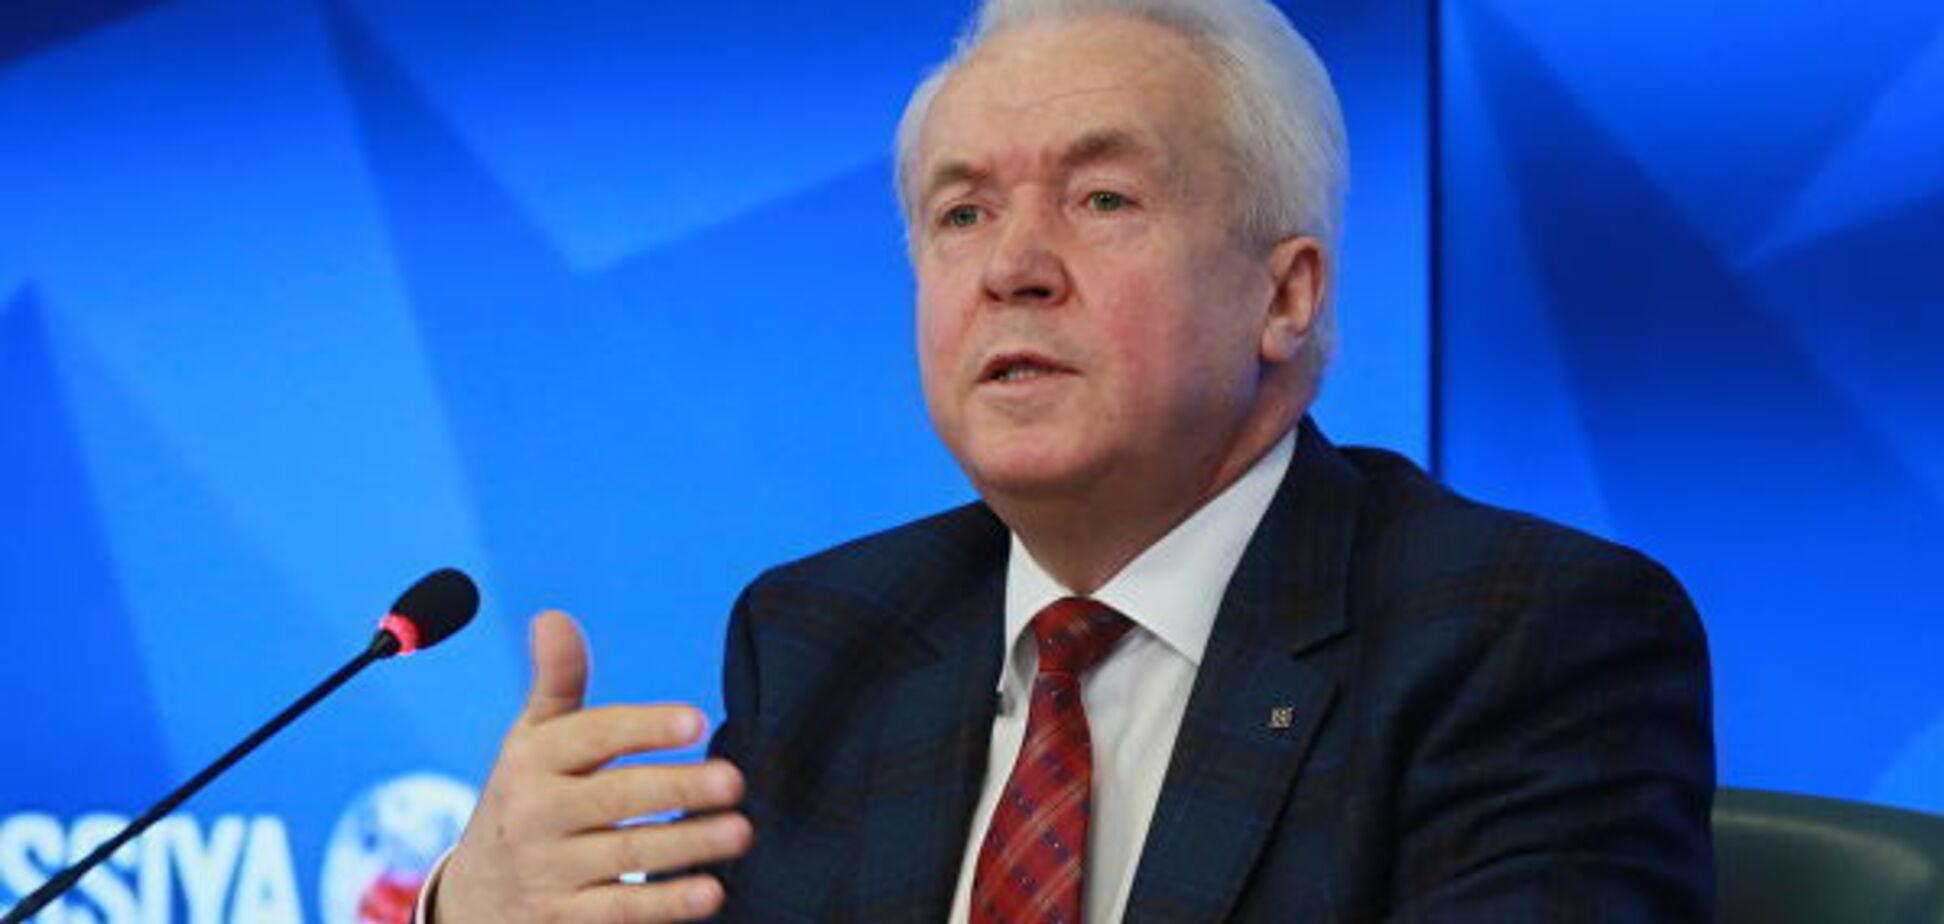 Екс-регіонал намагався прорватися в президенти України і поплатився: що відомо